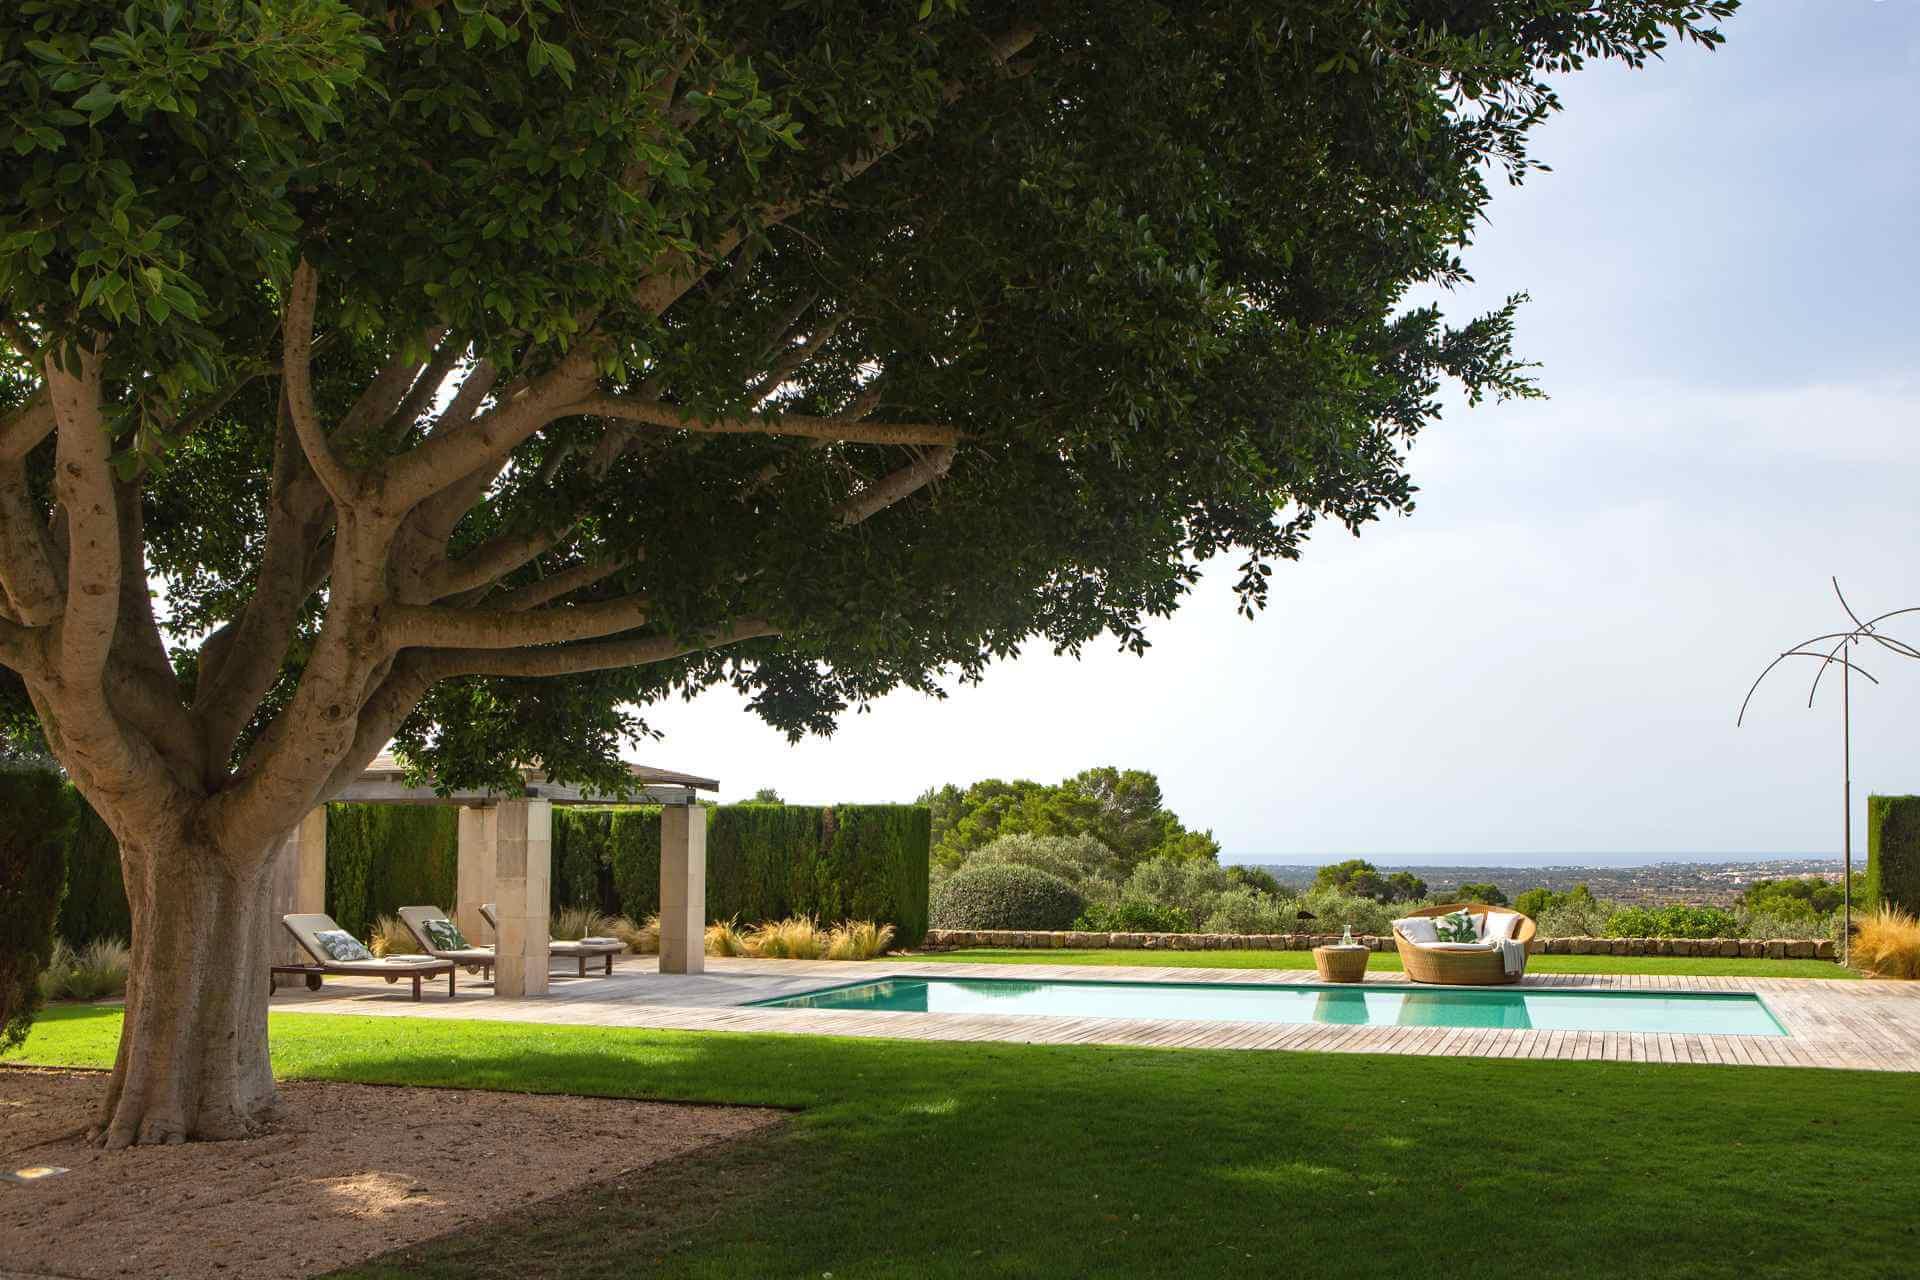 01-07 Exklusive Villa Mallorca Süden Bild 9